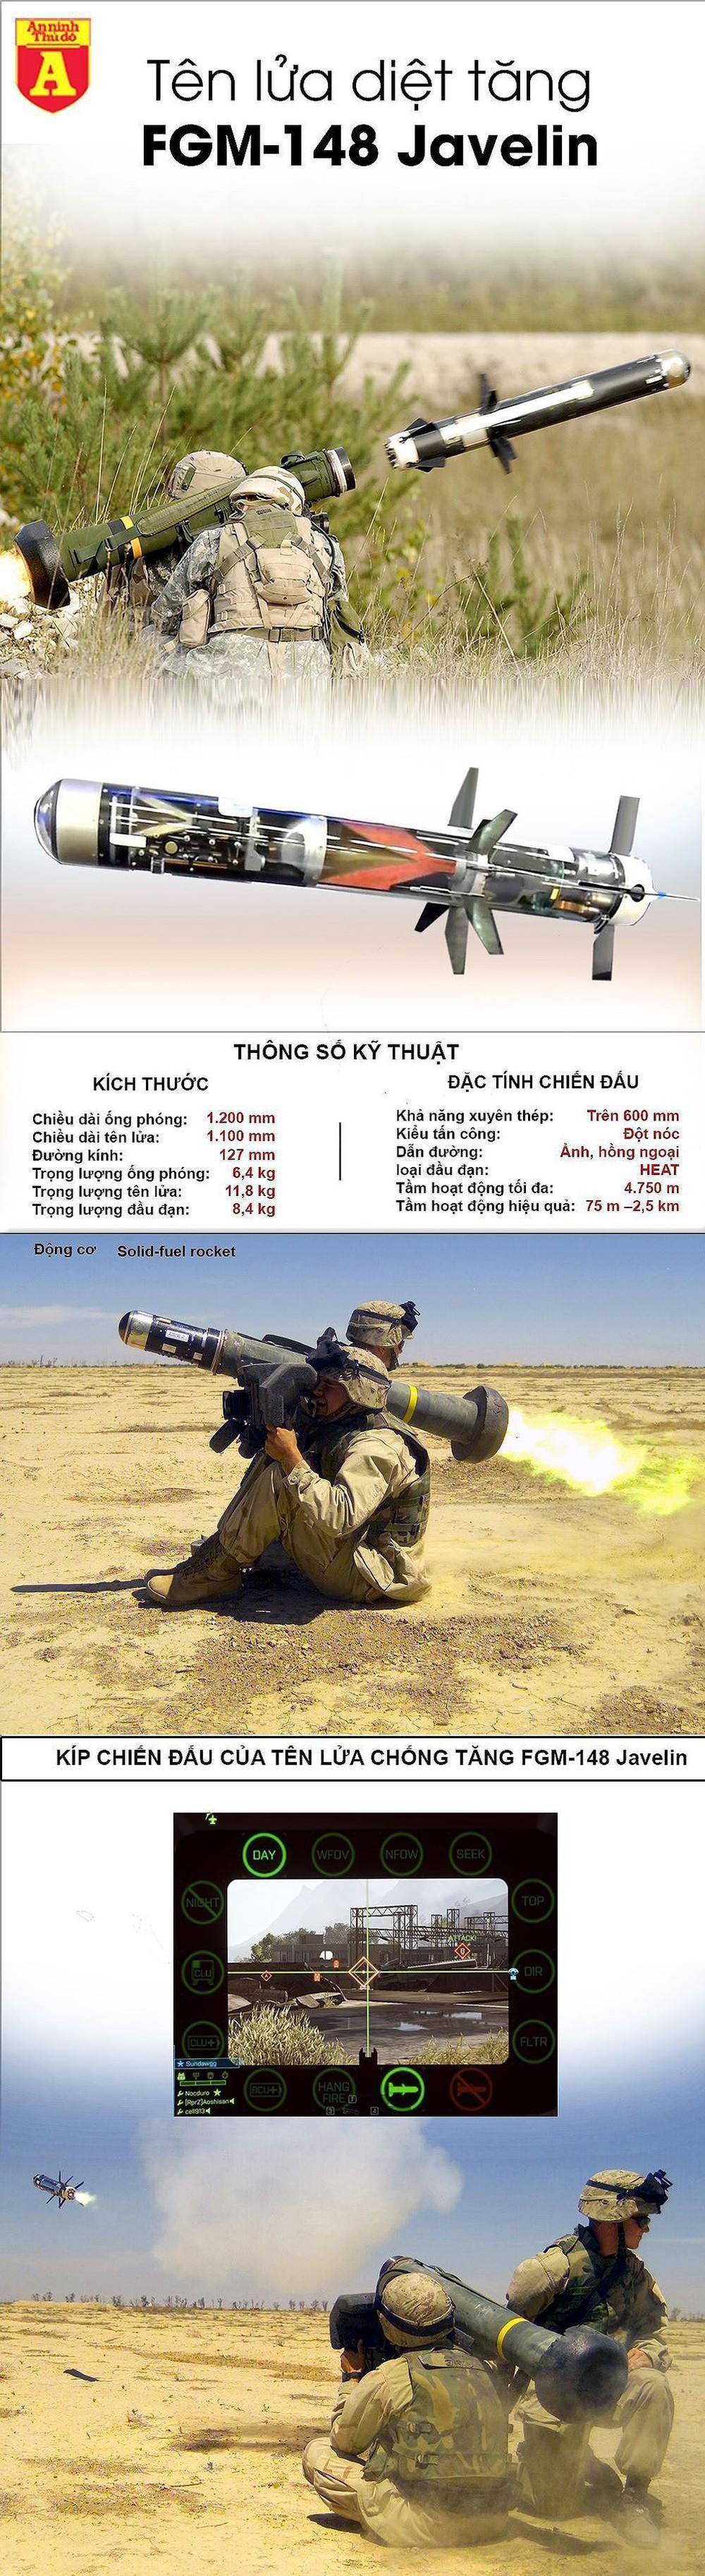 [Info] Sát thủ chống tăng hiện đại nhất thế giới của Mỹ về Đông Nam Á ảnh 3